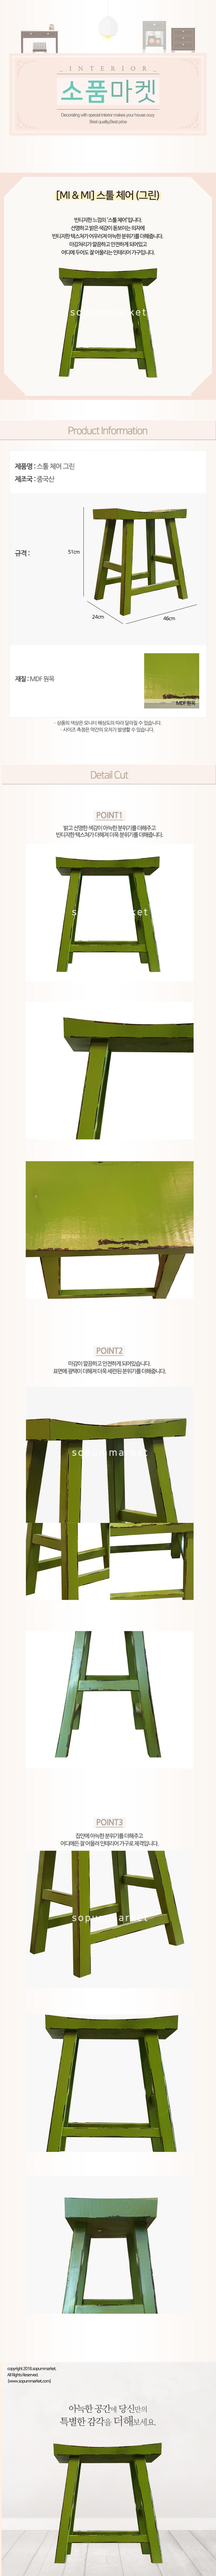 스툴 체어 그린 인테리어소품 가구 - 소품마켓, 110,000원, 디자인 의자, 인테리어의자